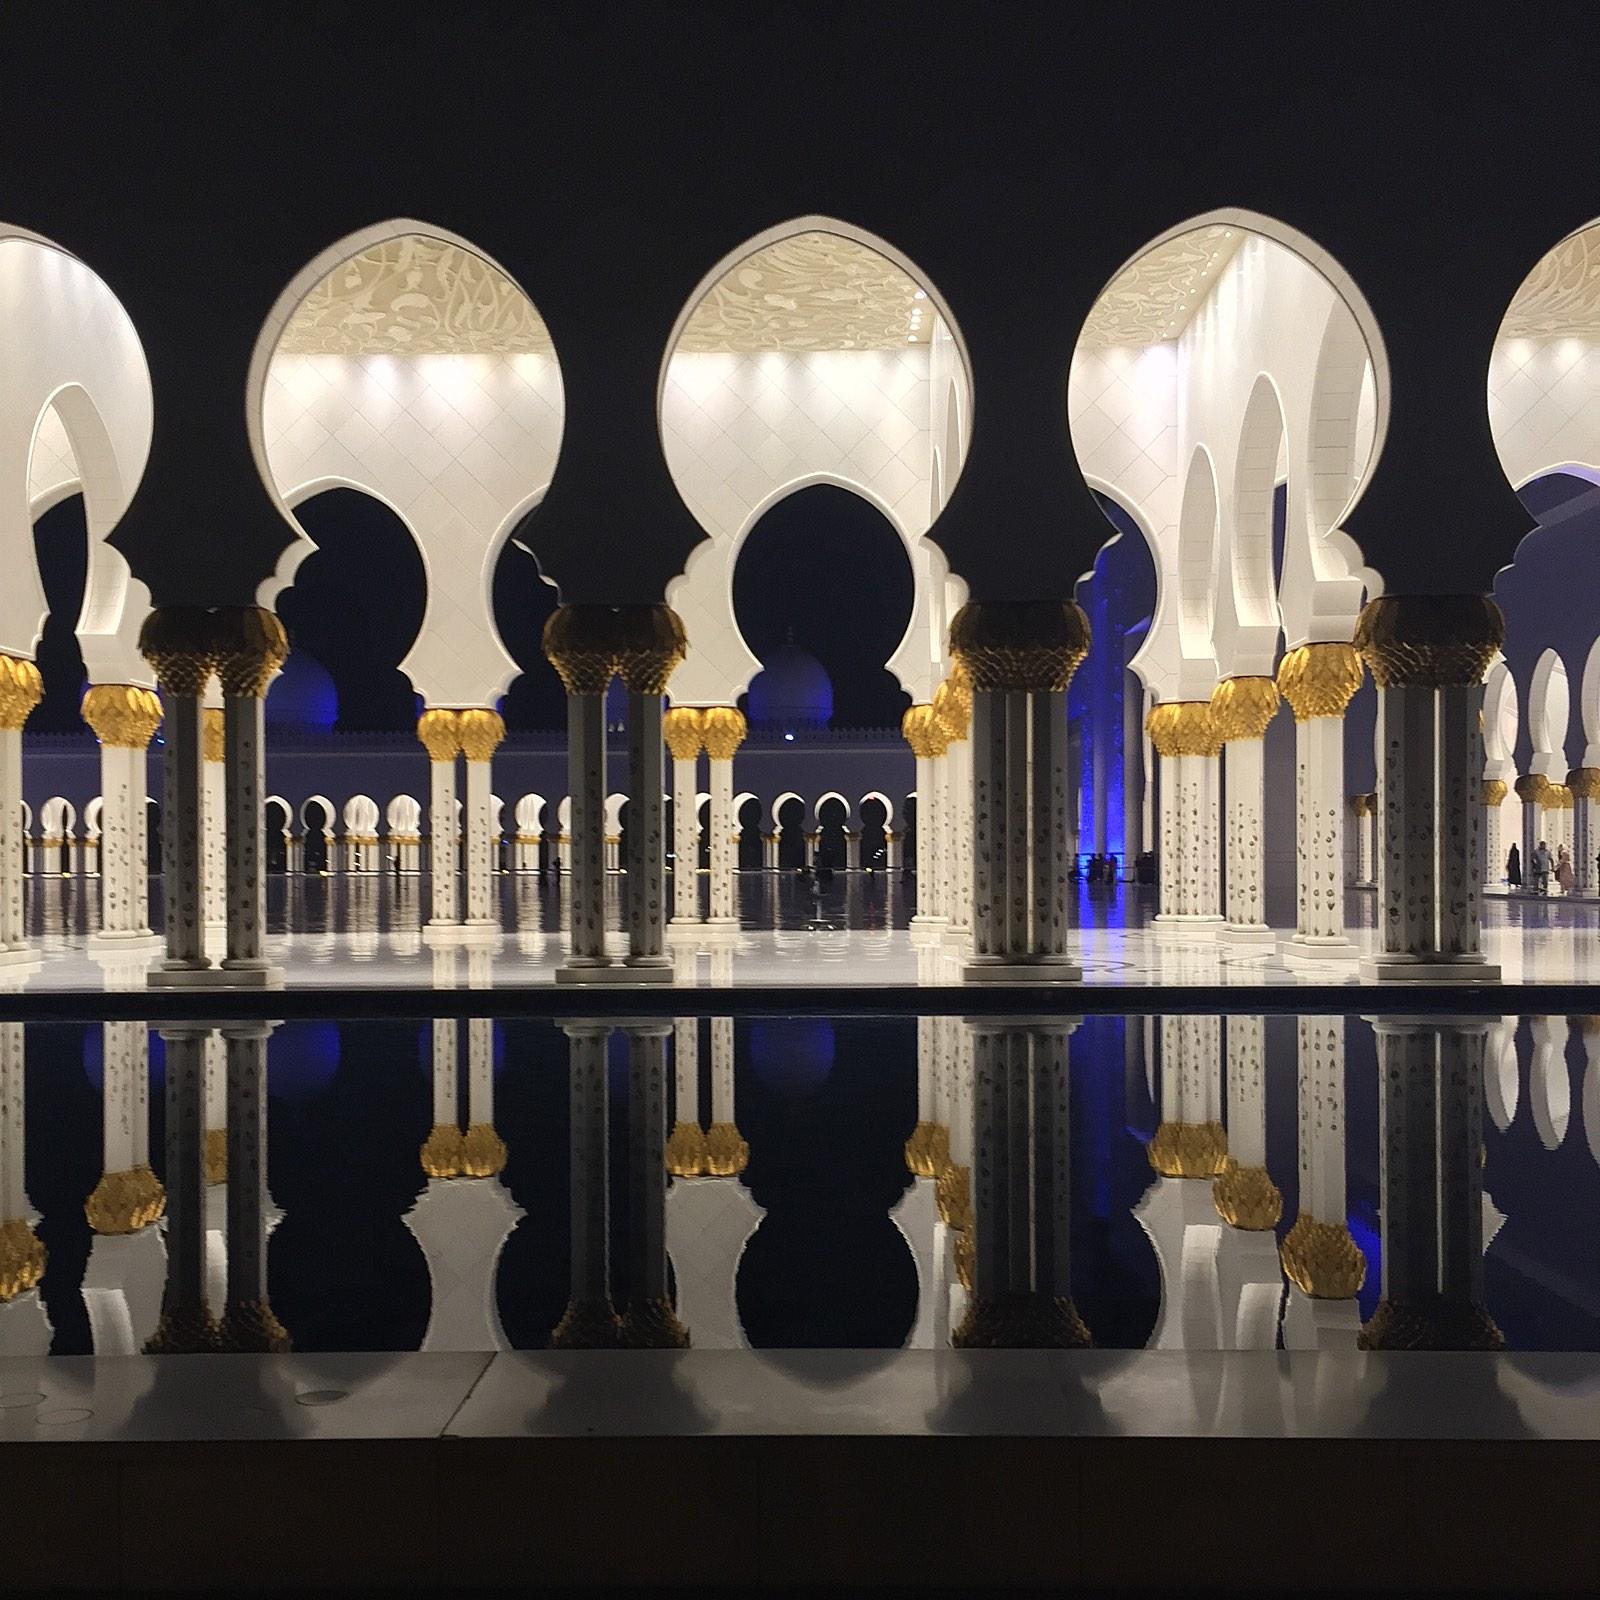 Scheich Zayid Moschee Wassersieglung